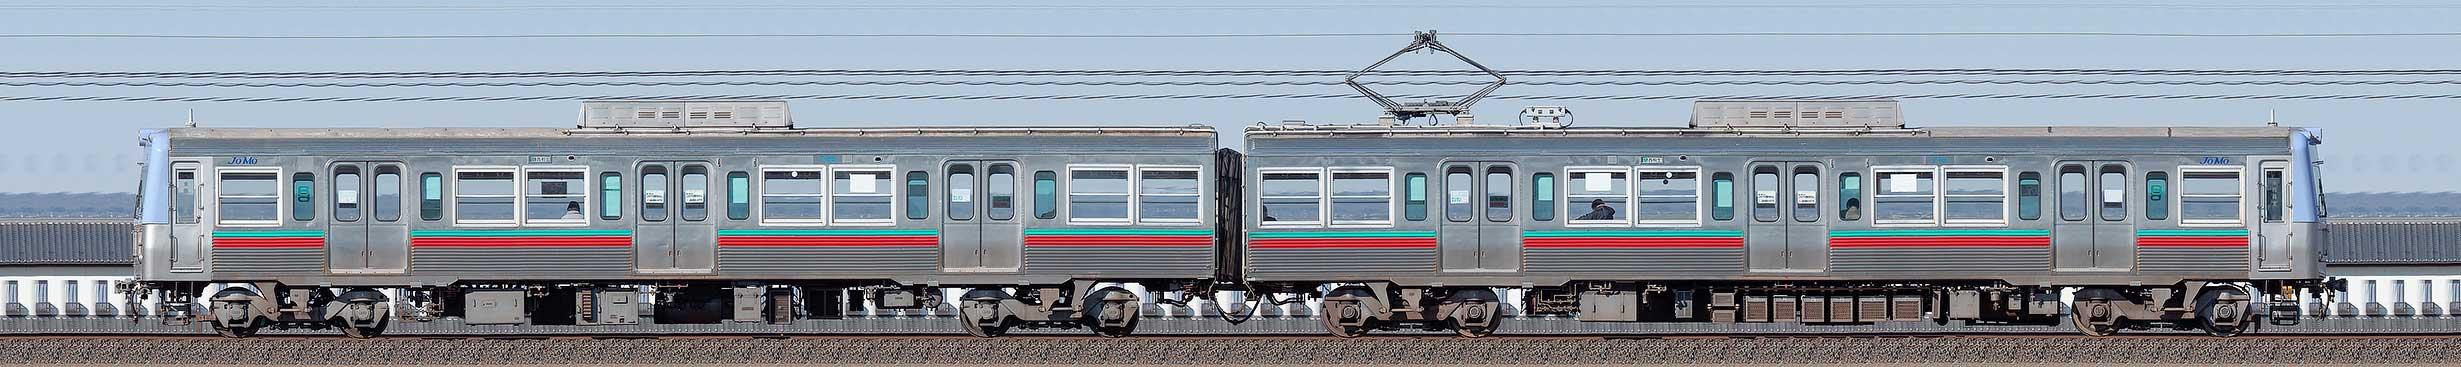 上毛電鉄700型第6編成(海側)の編成サイドビュー